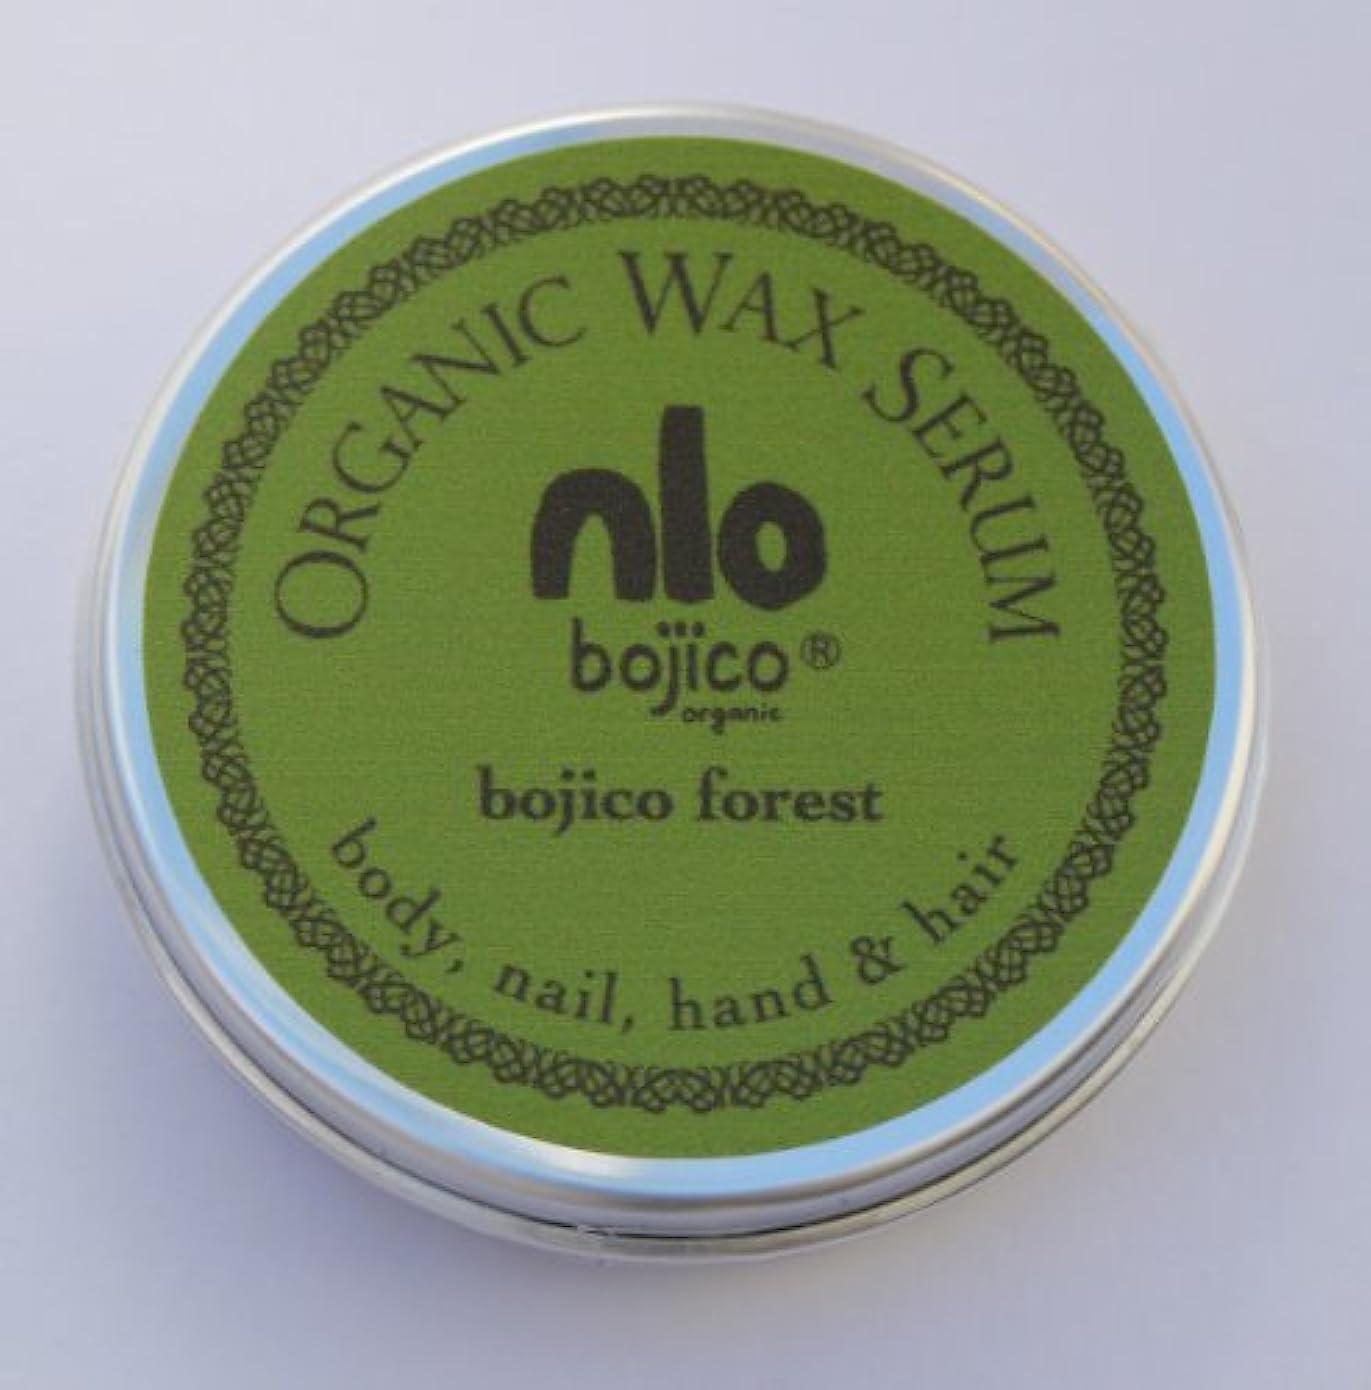 リベラル非アクティブミルbojico オーガニック ワックス セラム<フォレスト> Organic Wax Serum 18g